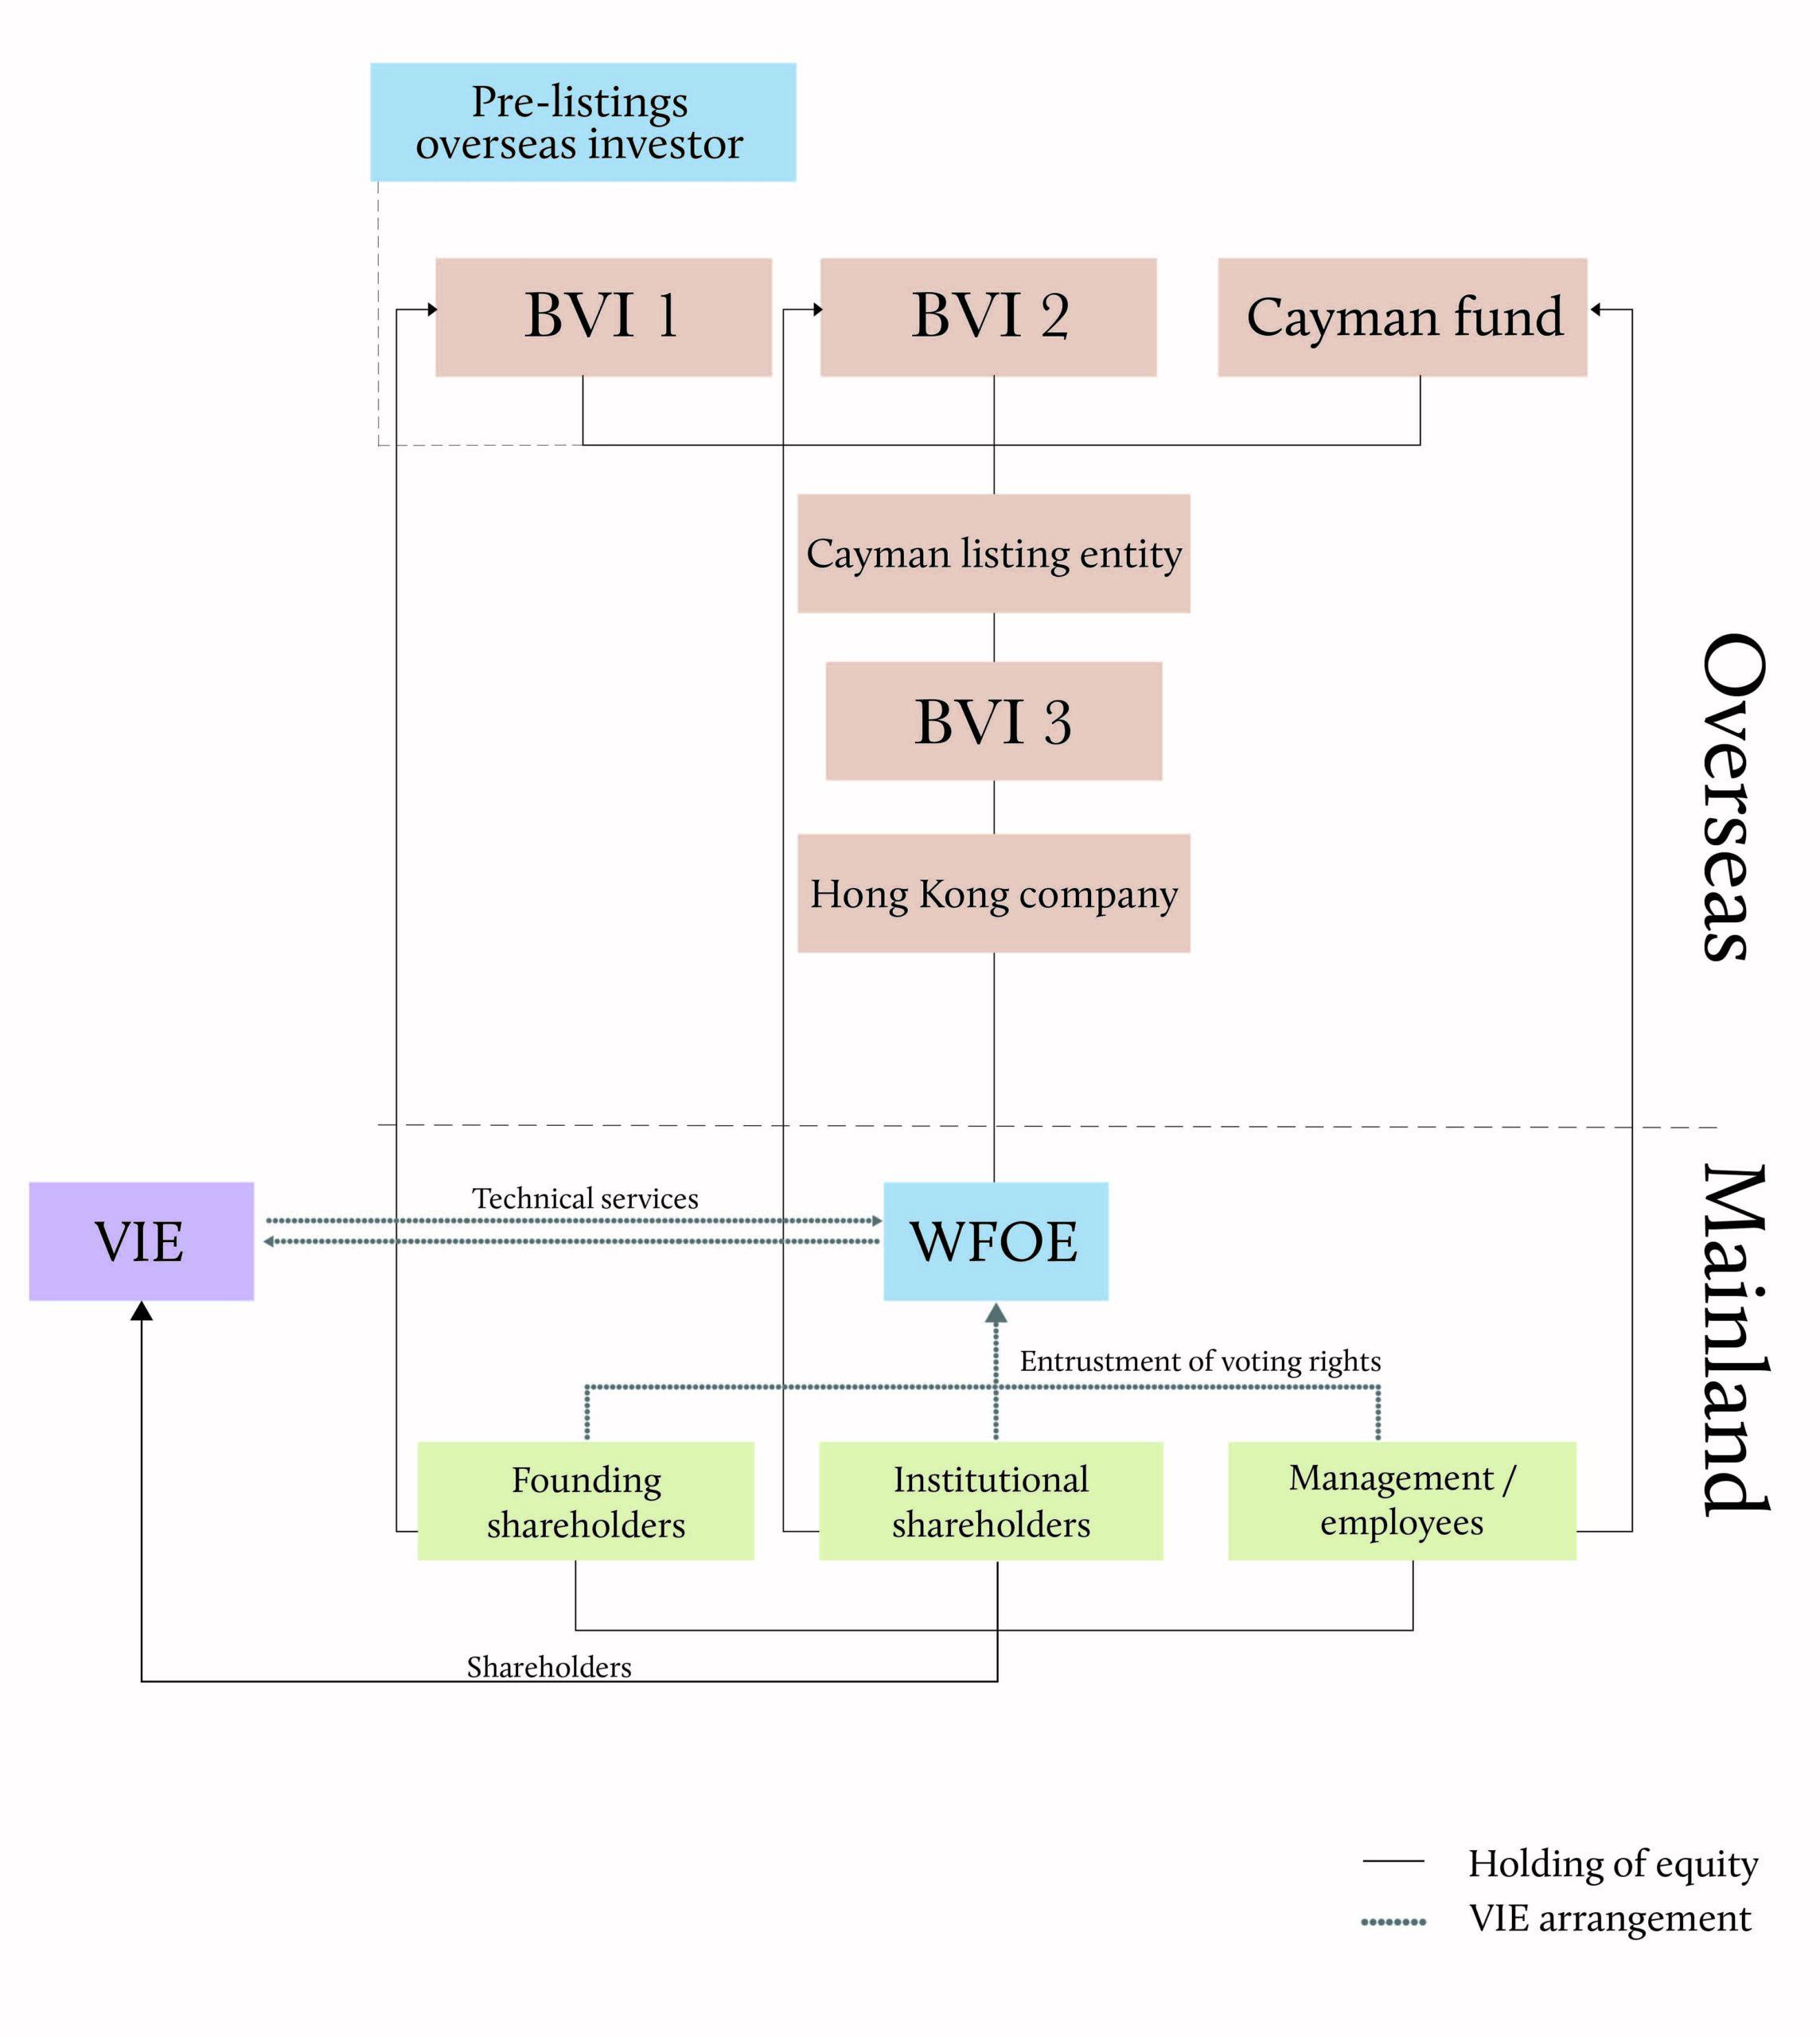 VIE structure